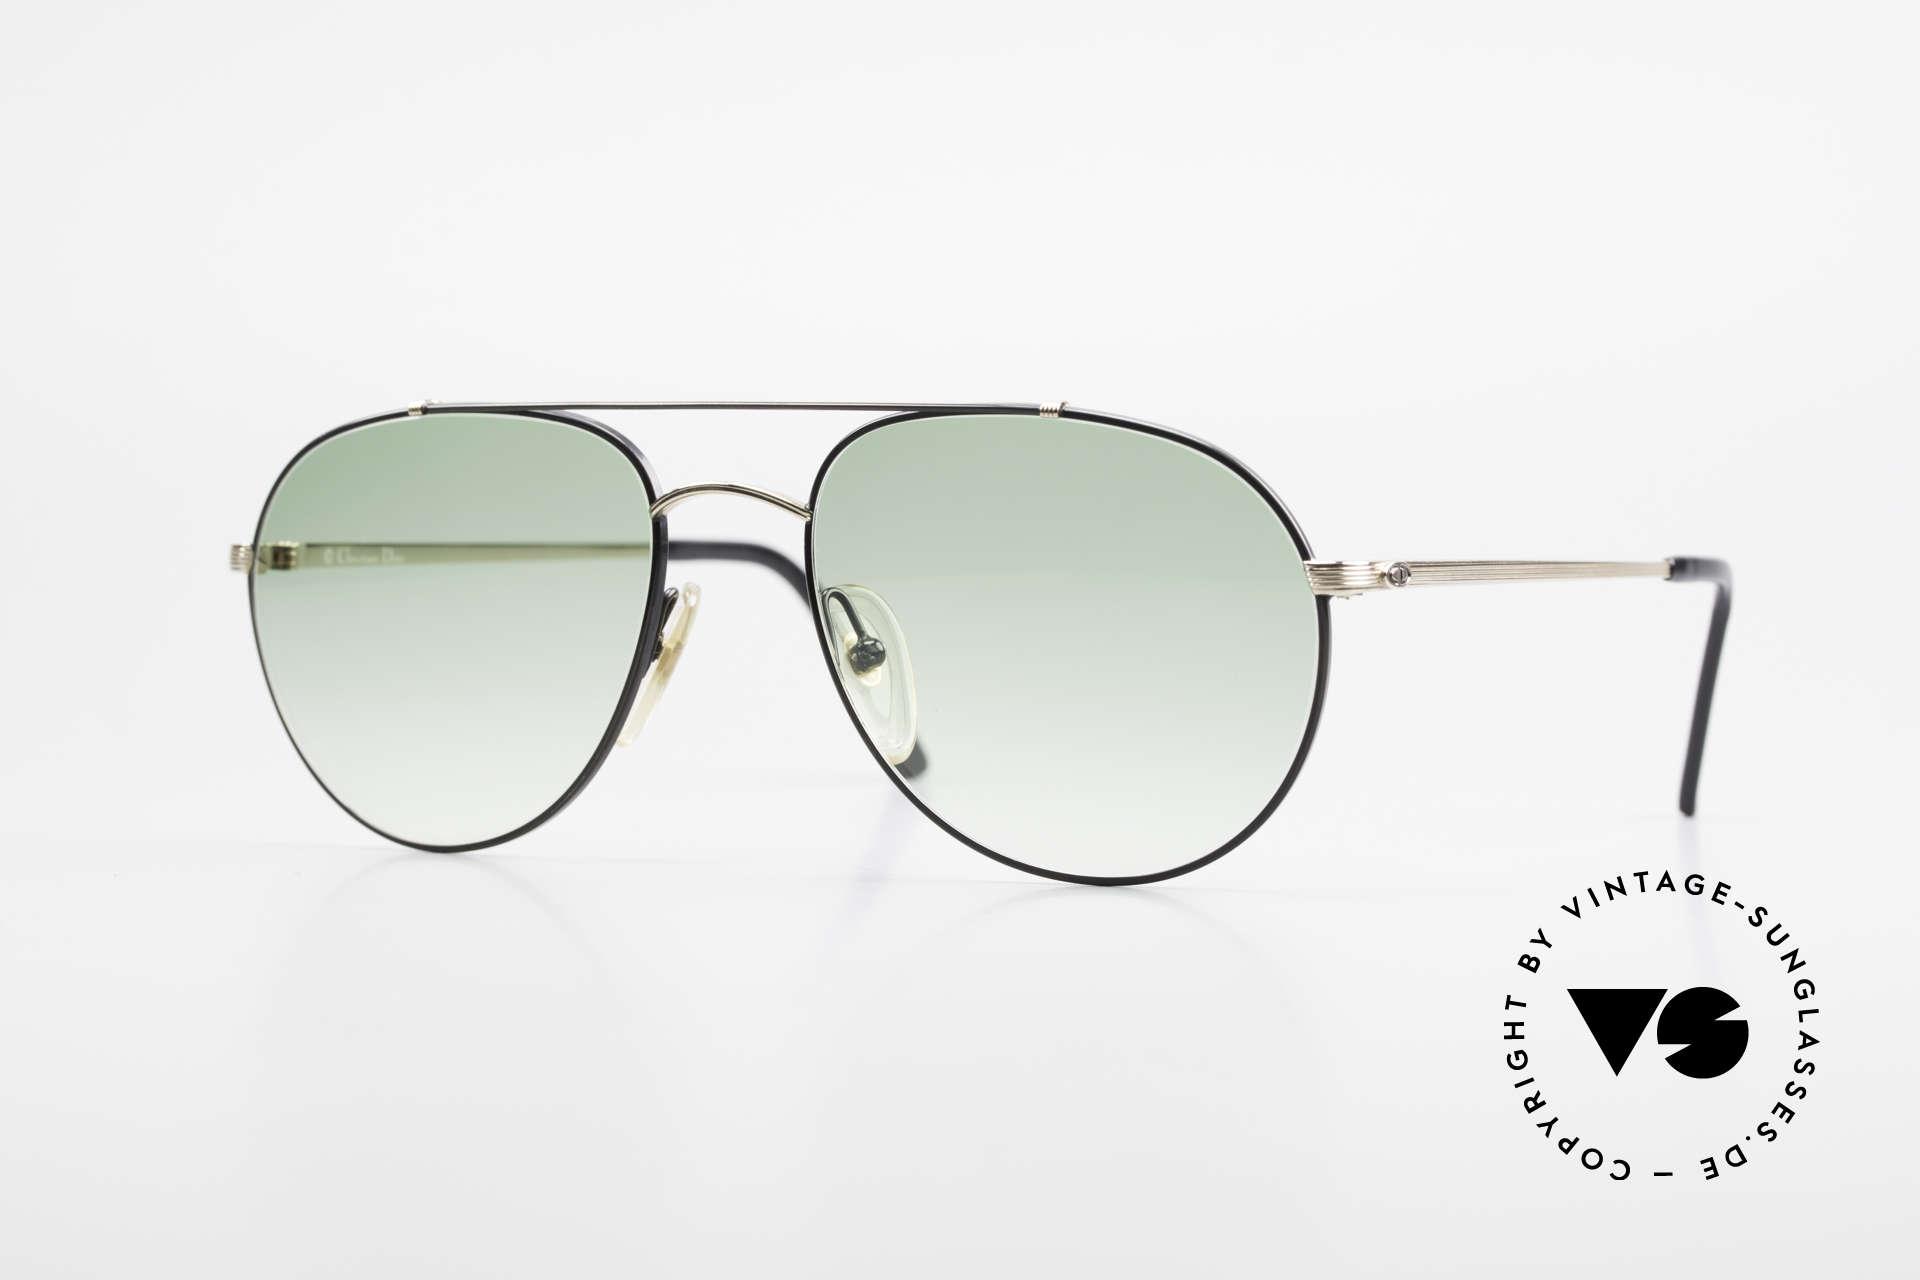 Christian Dior 2488 Rare 80's Aviator Sunglasses, rare 80's aviator sunglasses by Christian DIOR, Made for Men